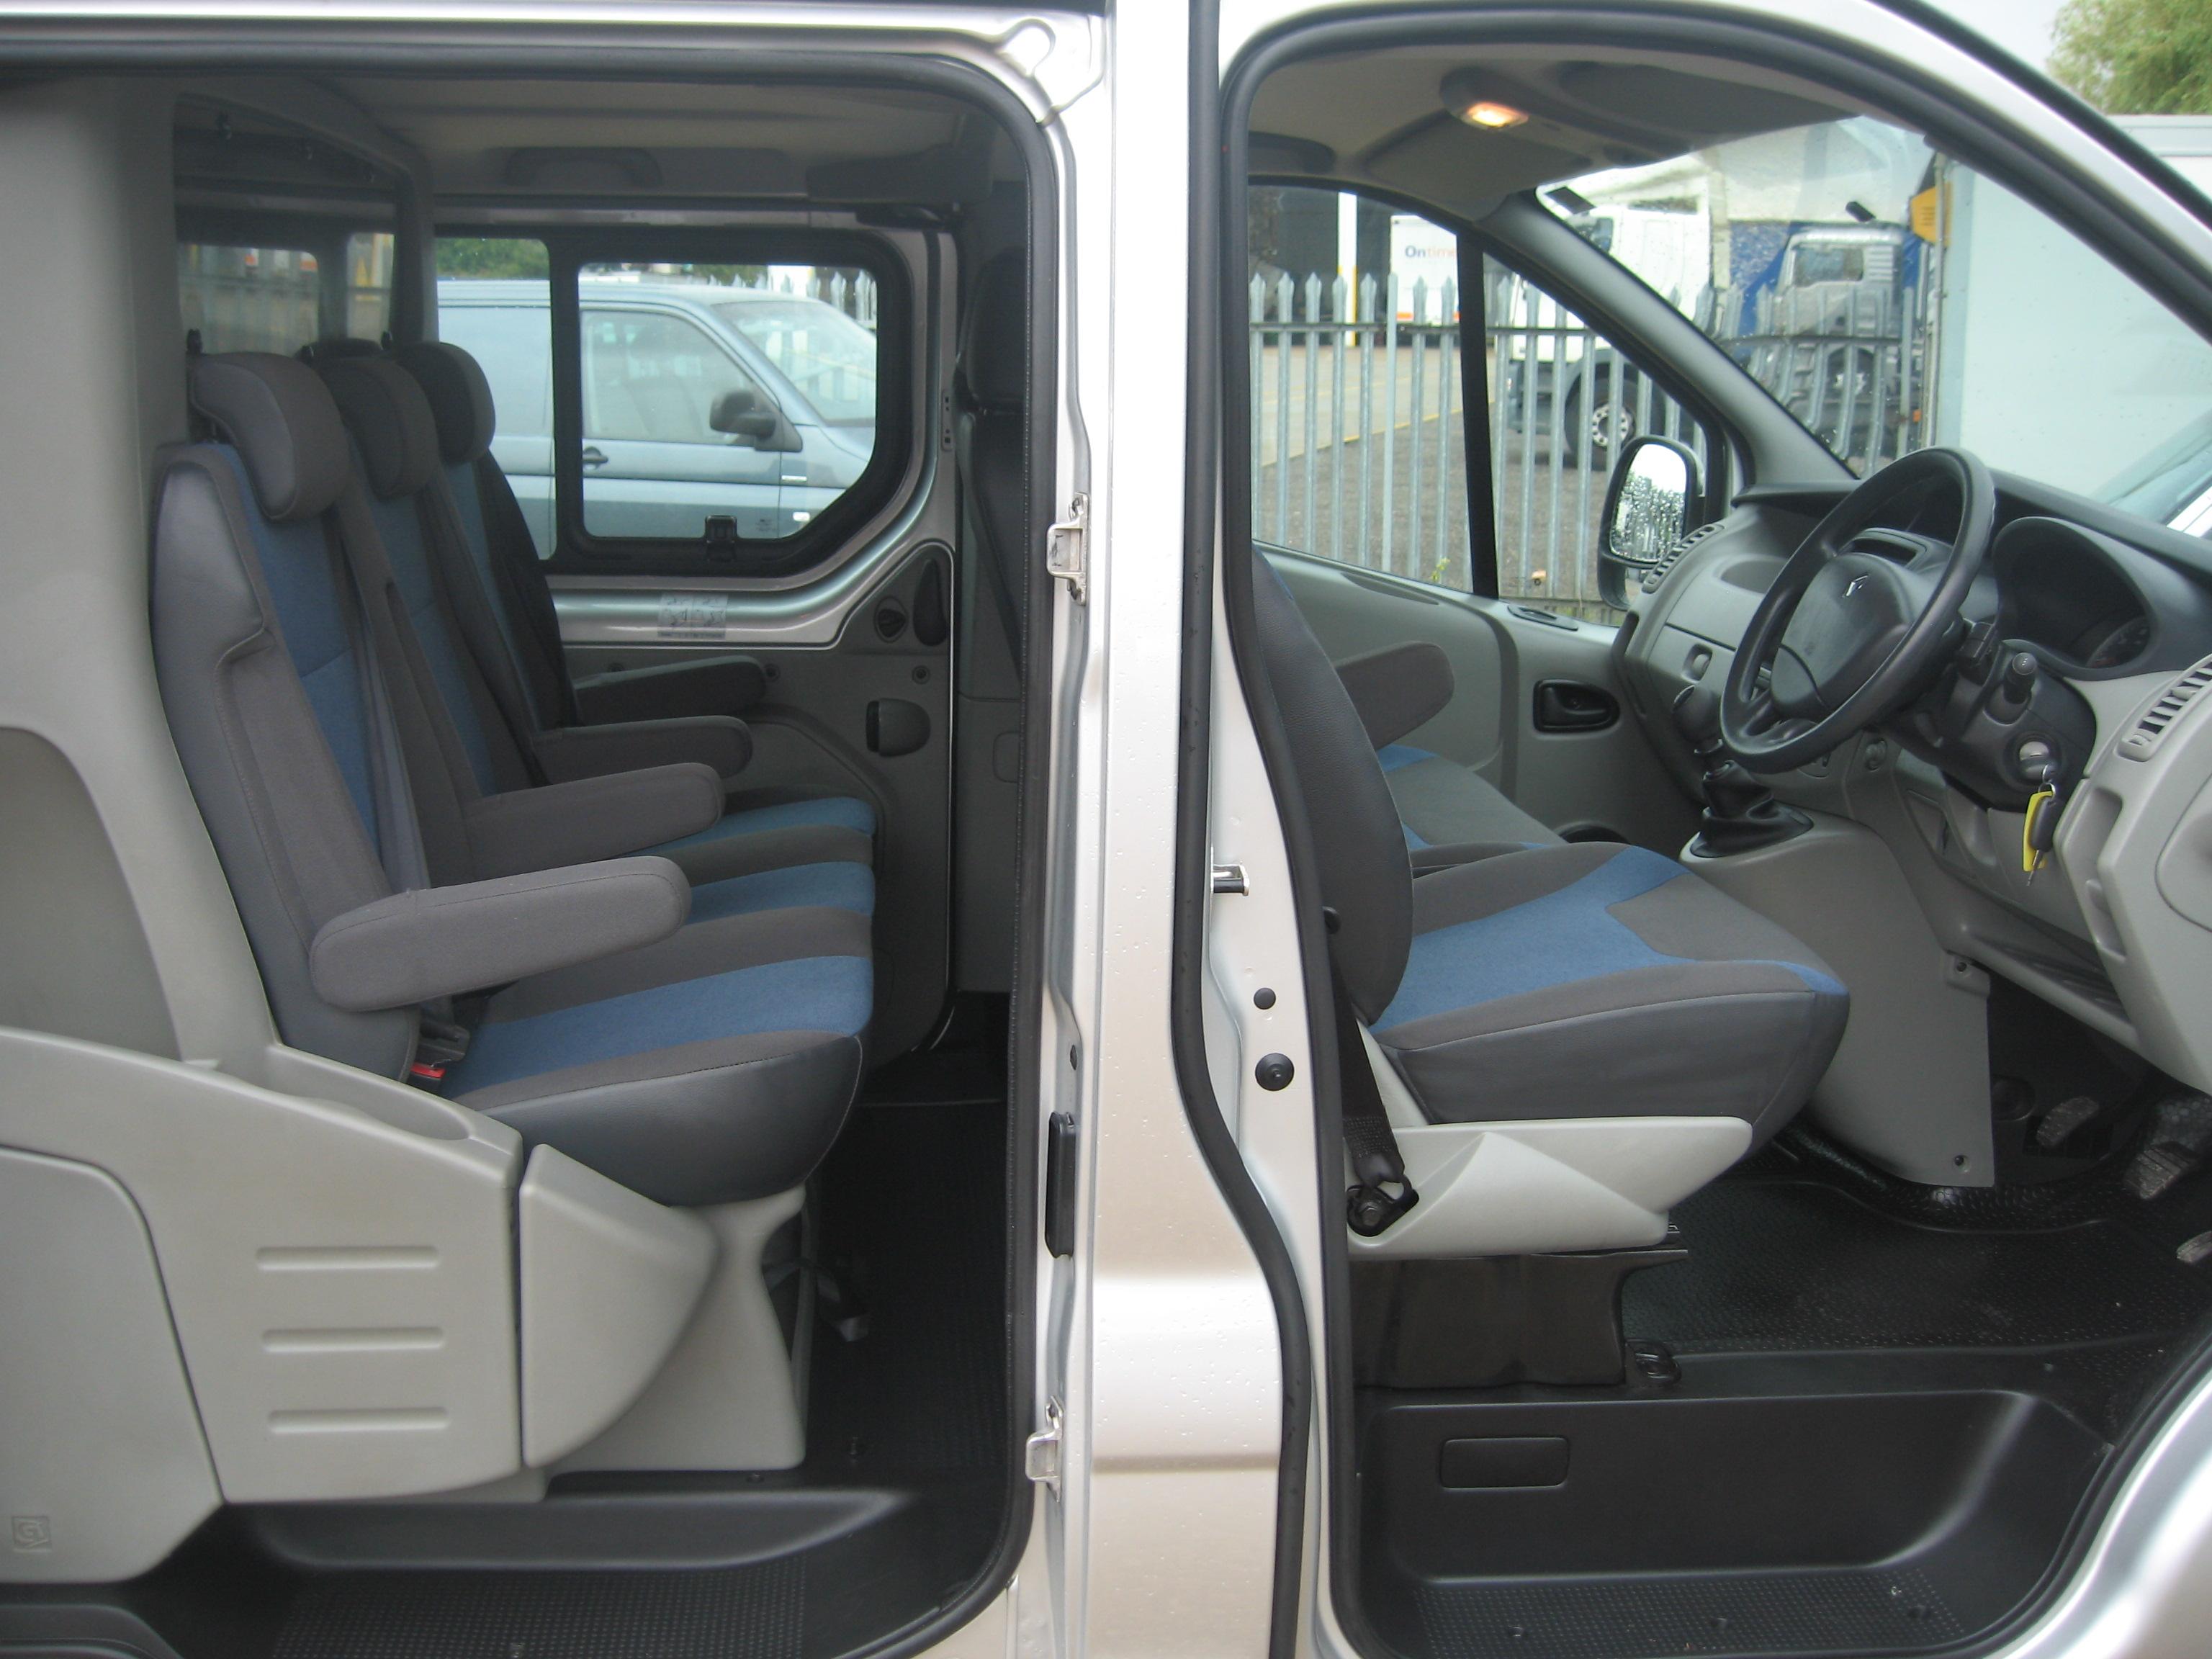 Renault Trafic Swb Diesel Sl27dci 115 Business Crew Van